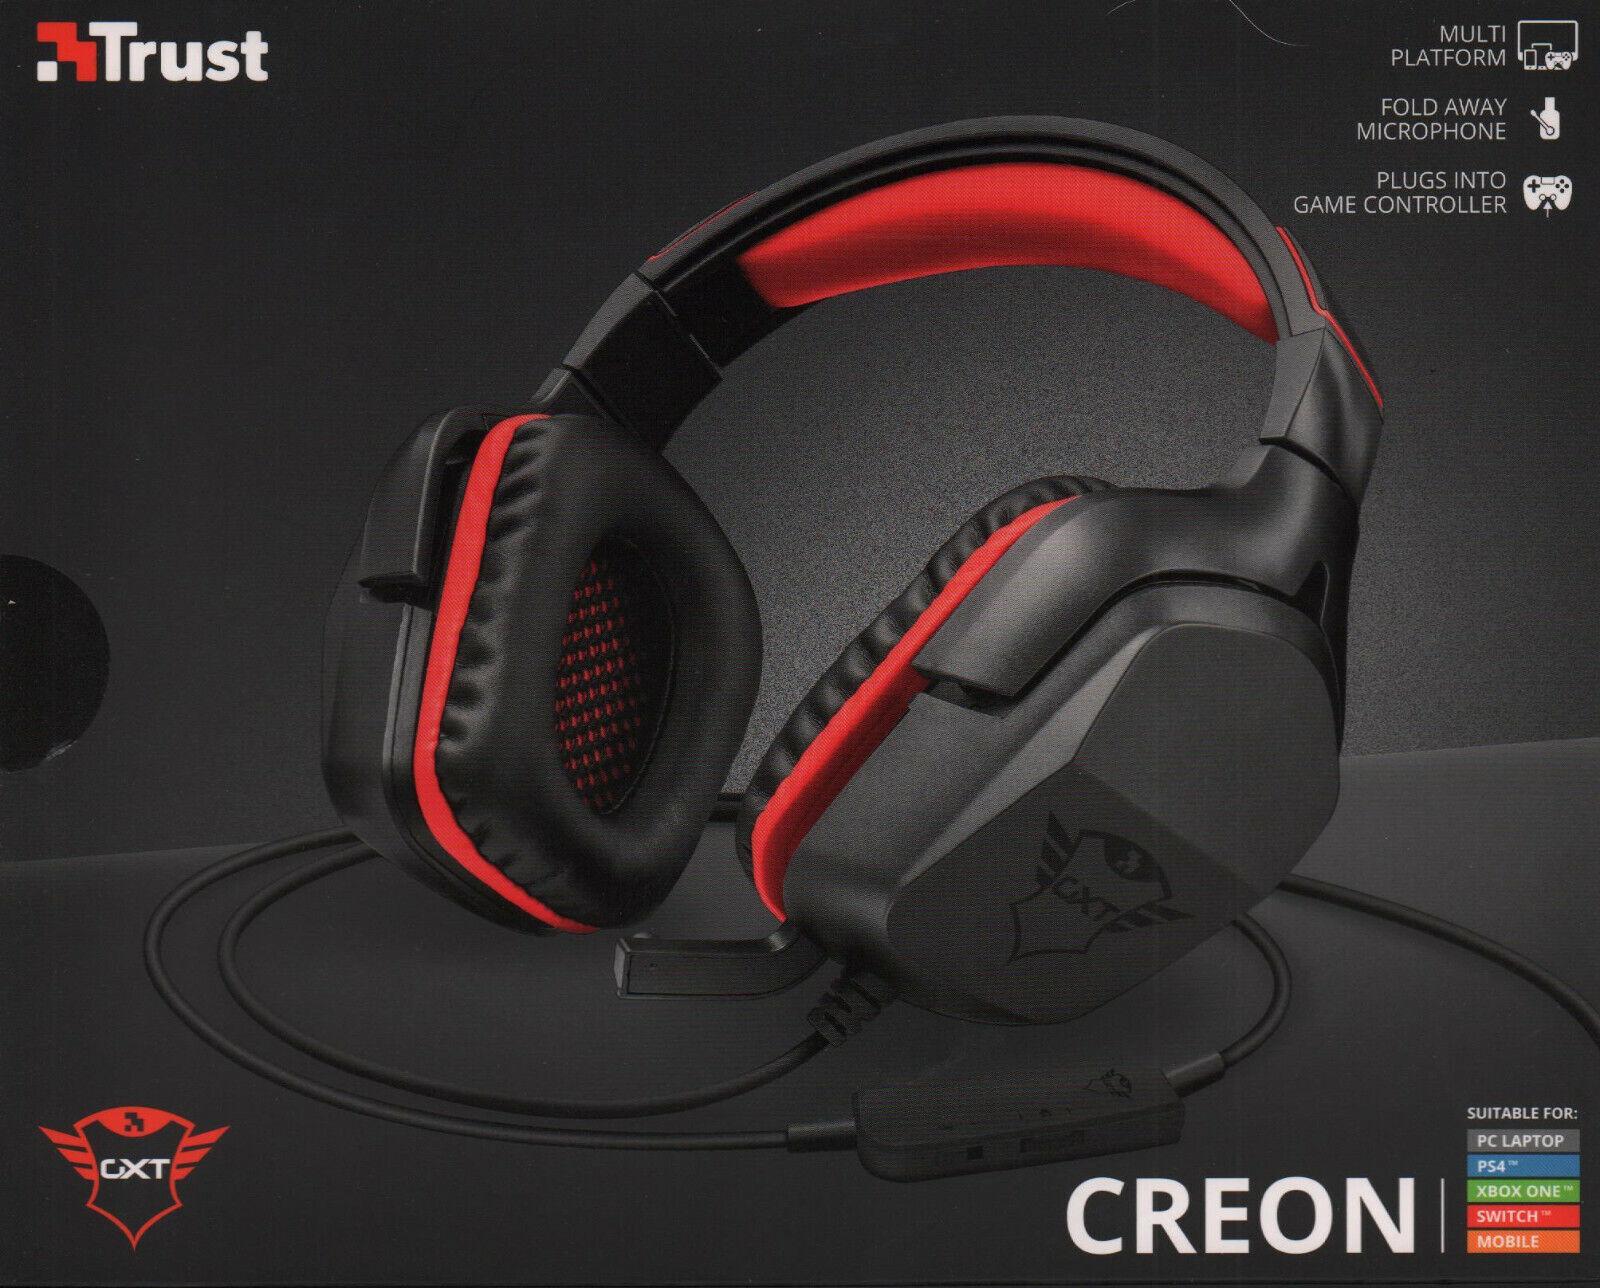 Auricular Gamer Trust Gxt 344 Creon